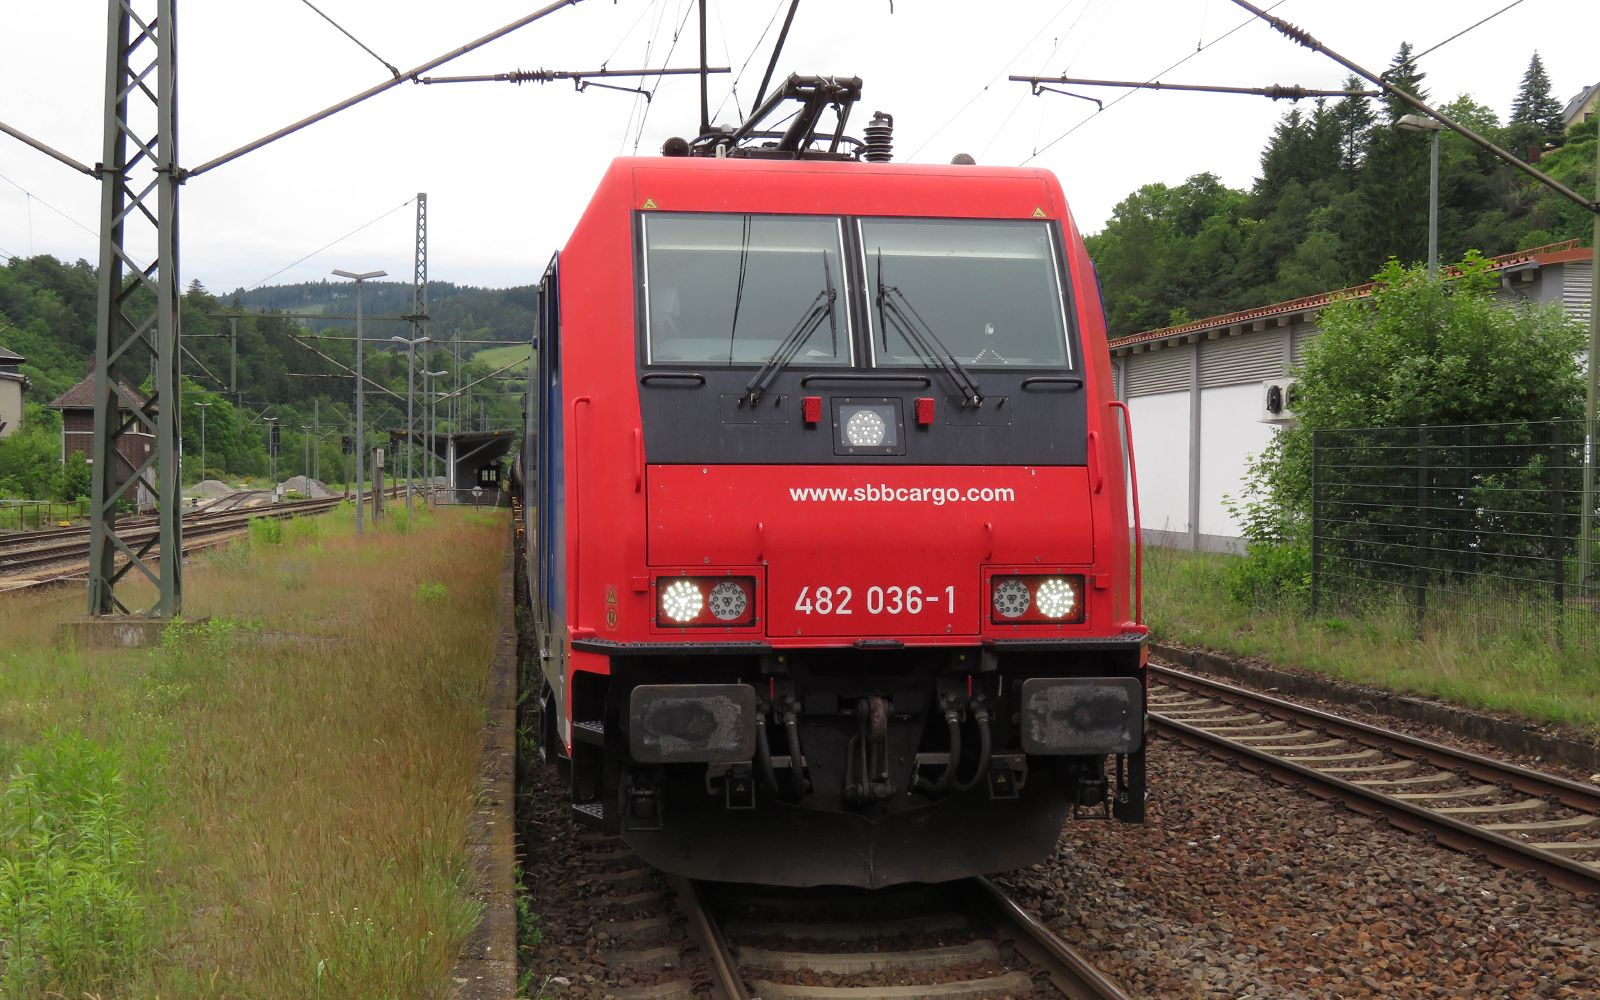 ©Foto: Denis Herwig   railmen   Lokführer im Dienst für InfraLeuna Gütertransporte   Warten auf die Schiebelok in Probstzella   Baureihe 482